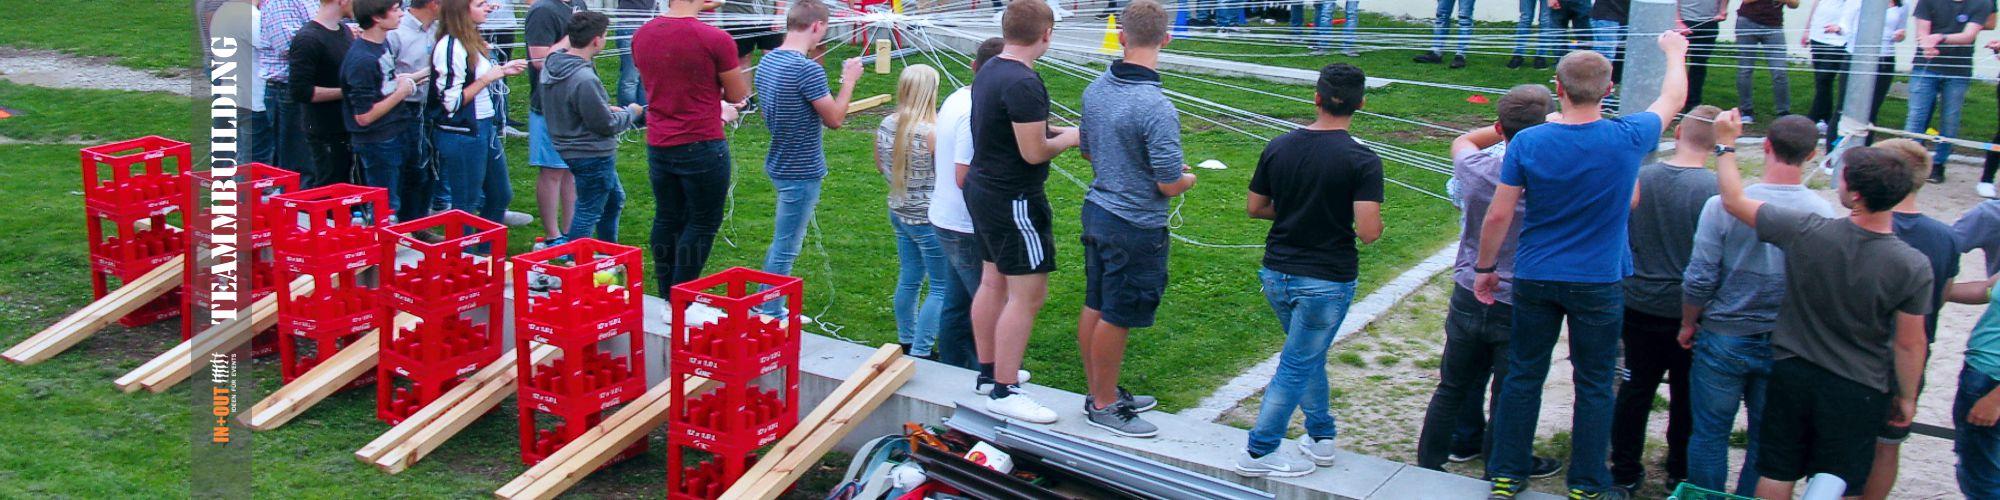 Ideen für Team Events - Azubi Camp - Team Event Würzburg